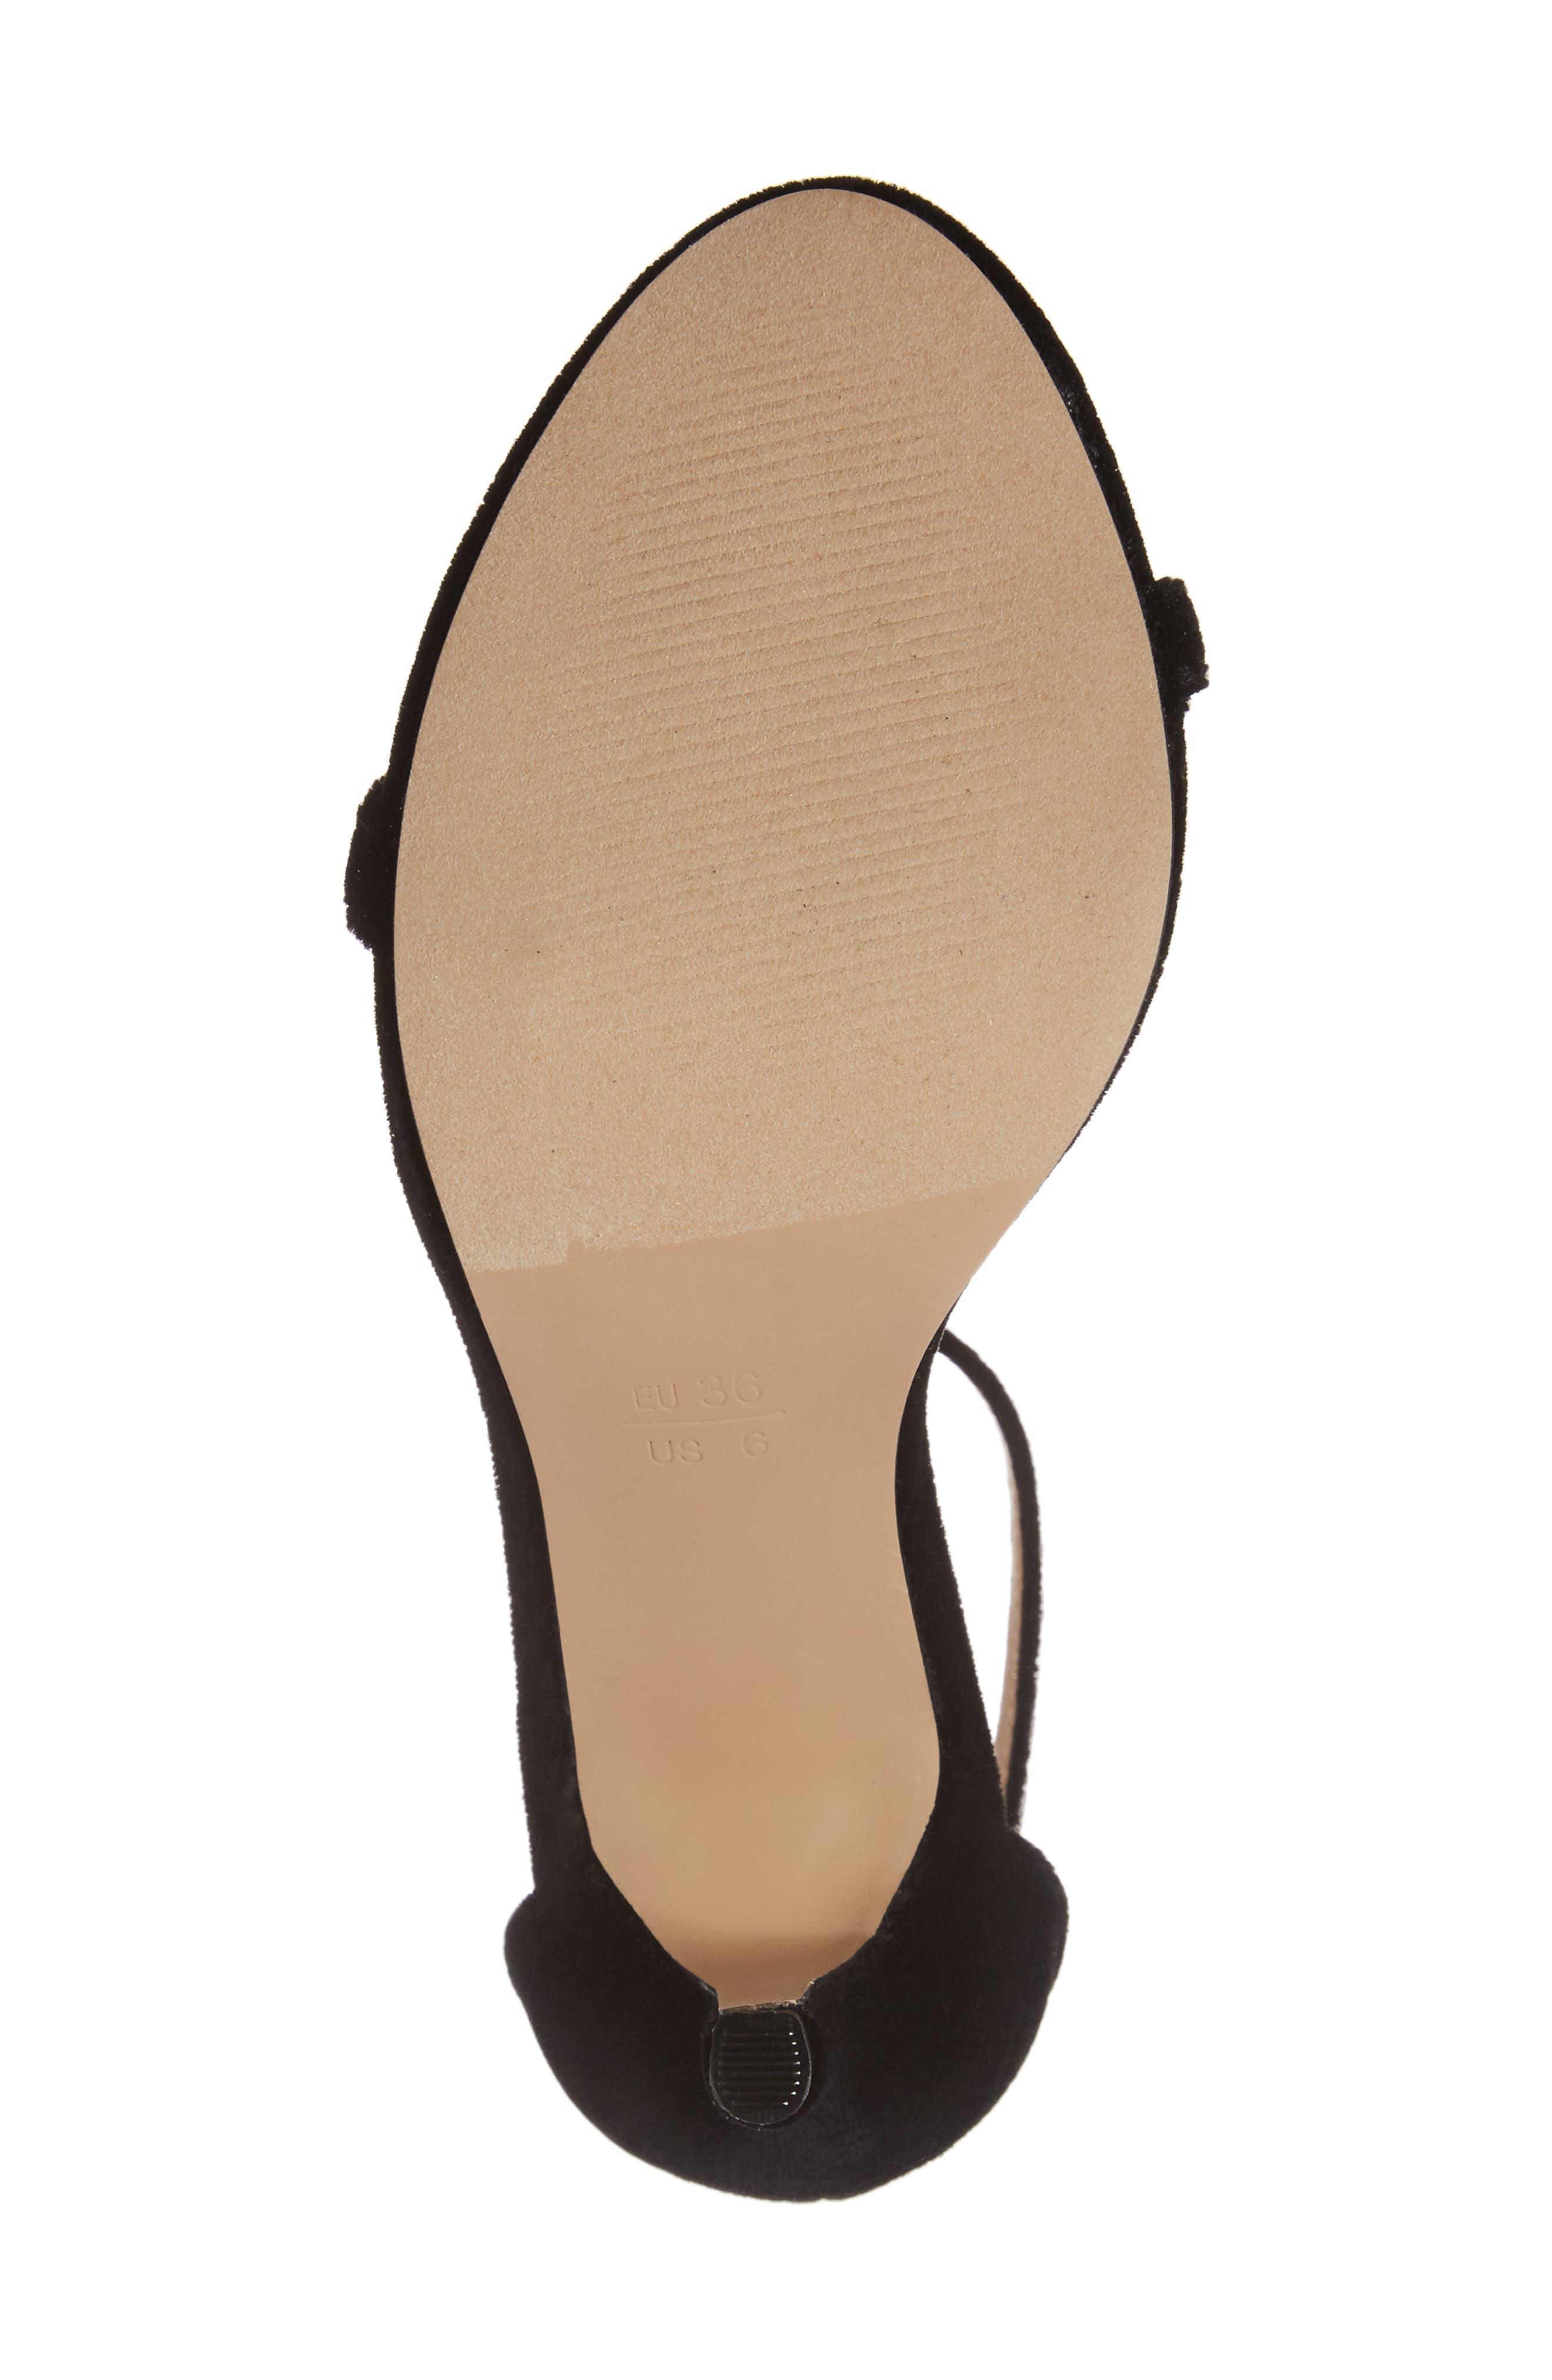 Mini Ankle Strap Sandal,                             Alternate thumbnail 6, color,                             001